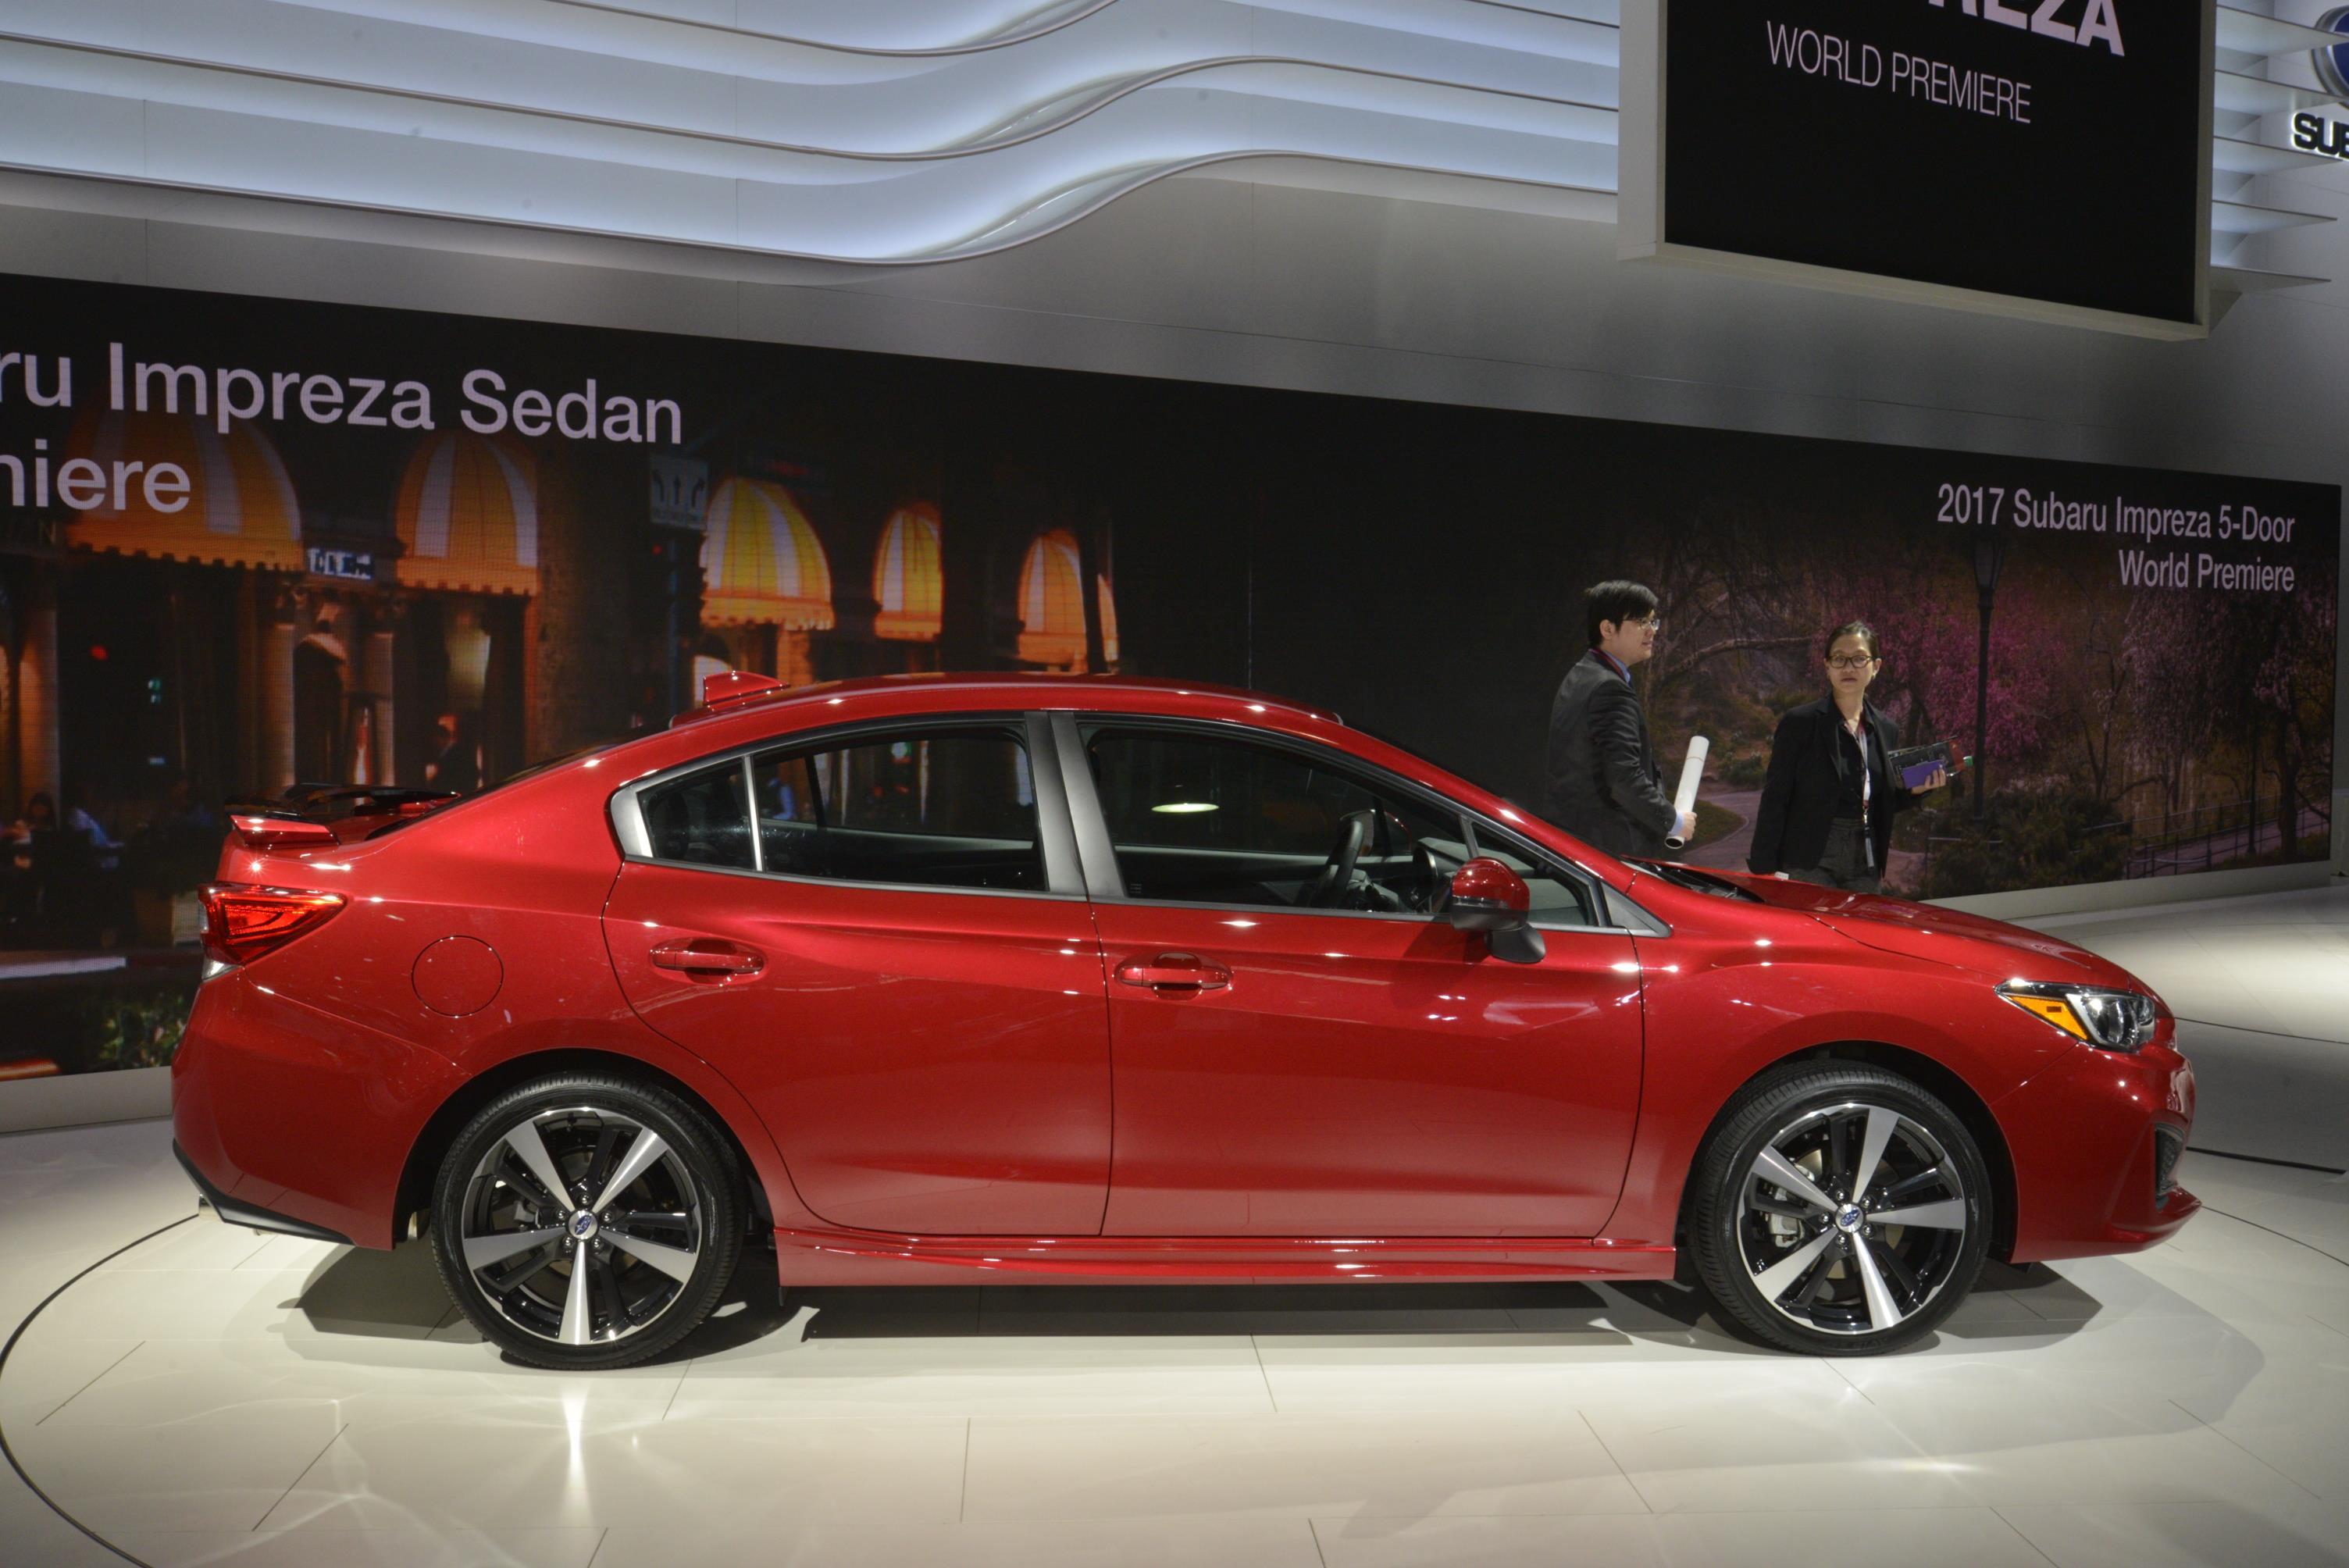 2018 Subaru Impreza WRX STI Might Look like This ...